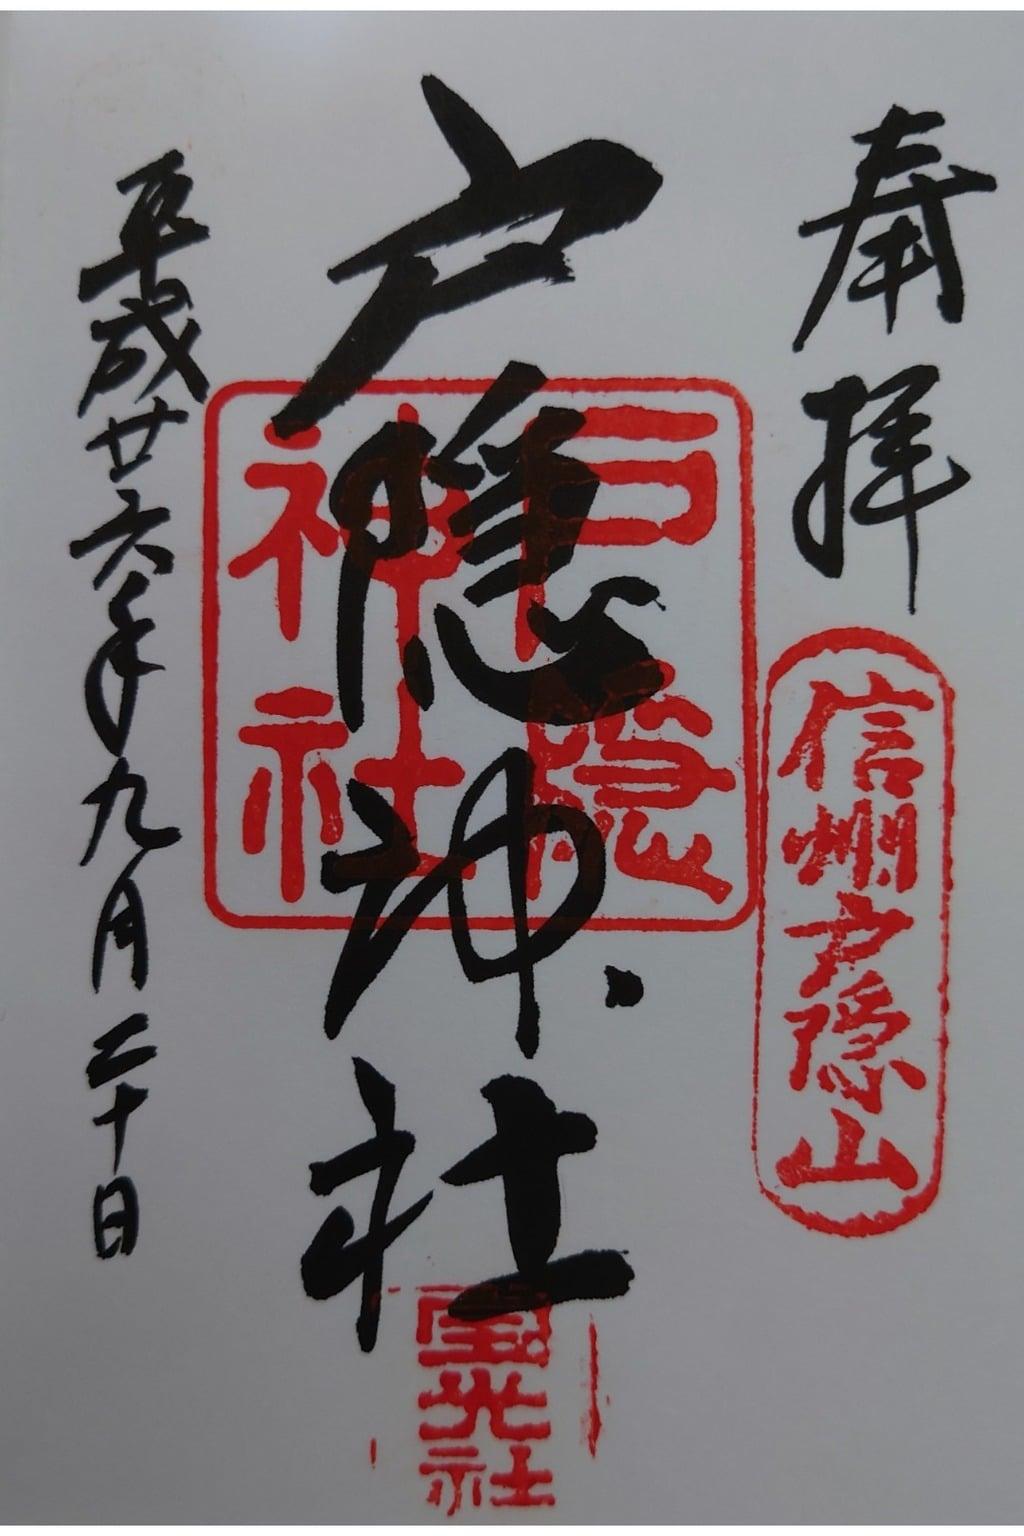 戸隠神社宝光社の御朱印